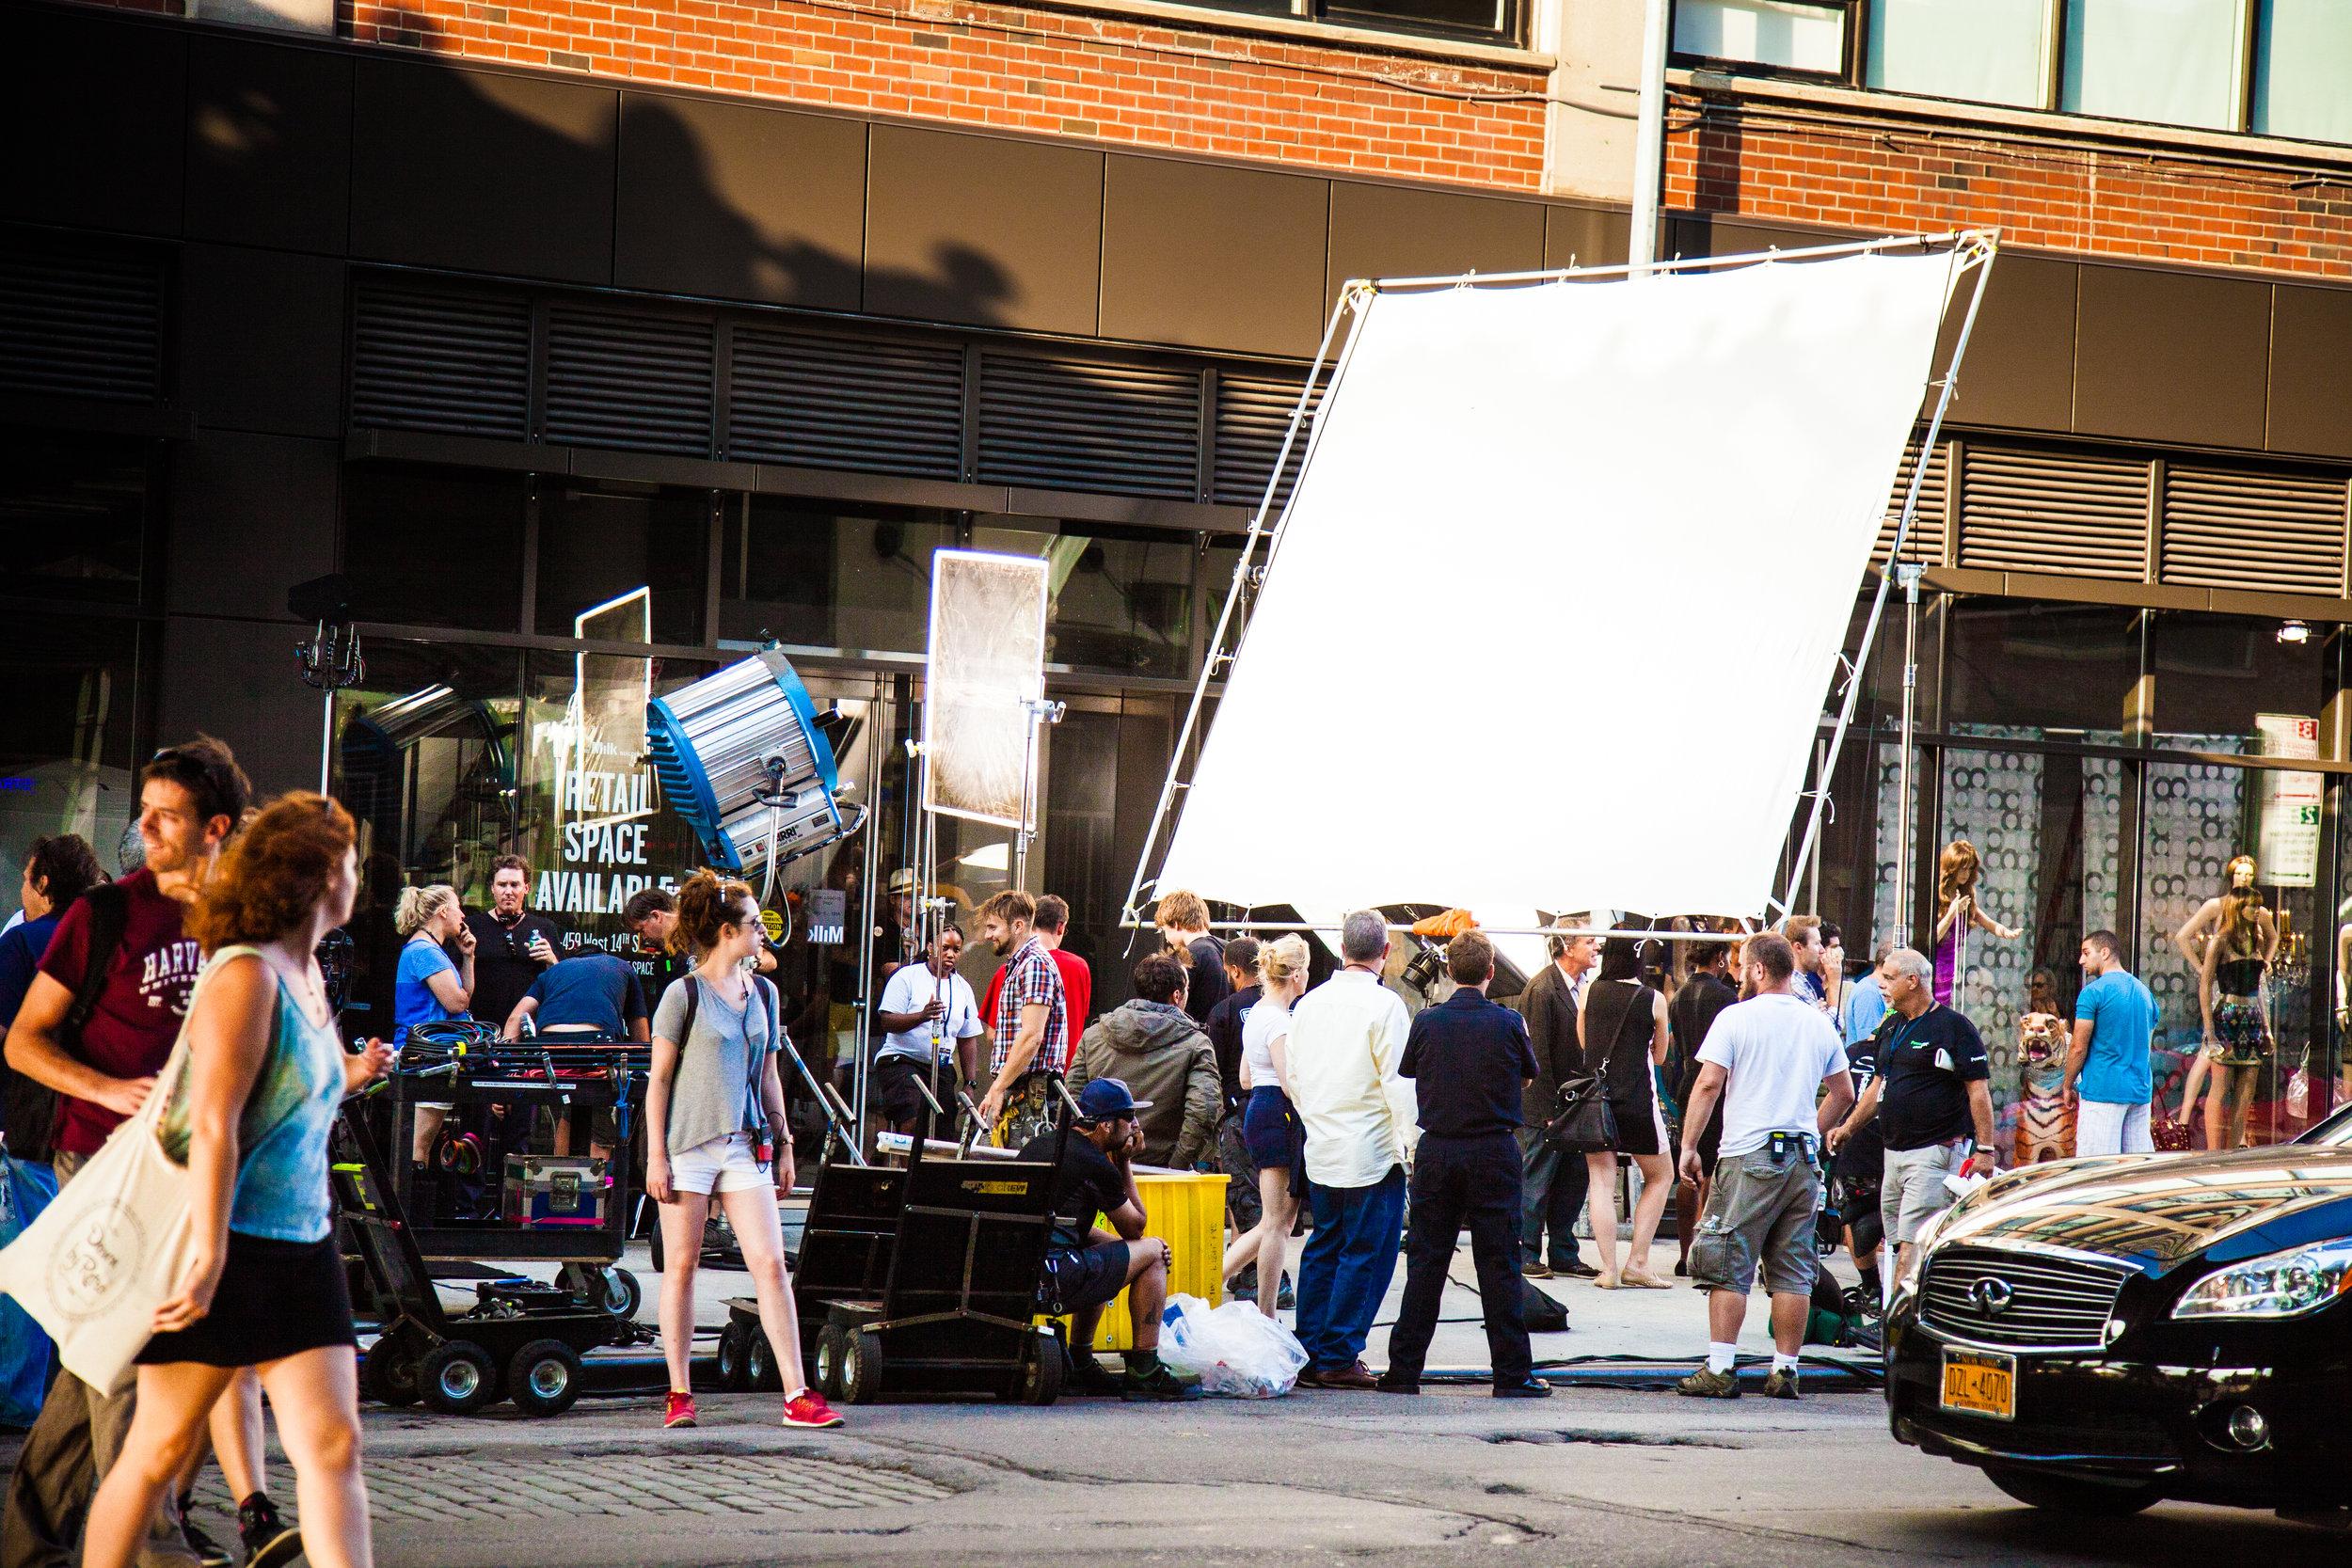 iStock-518599300-film-set-on-location.jpg